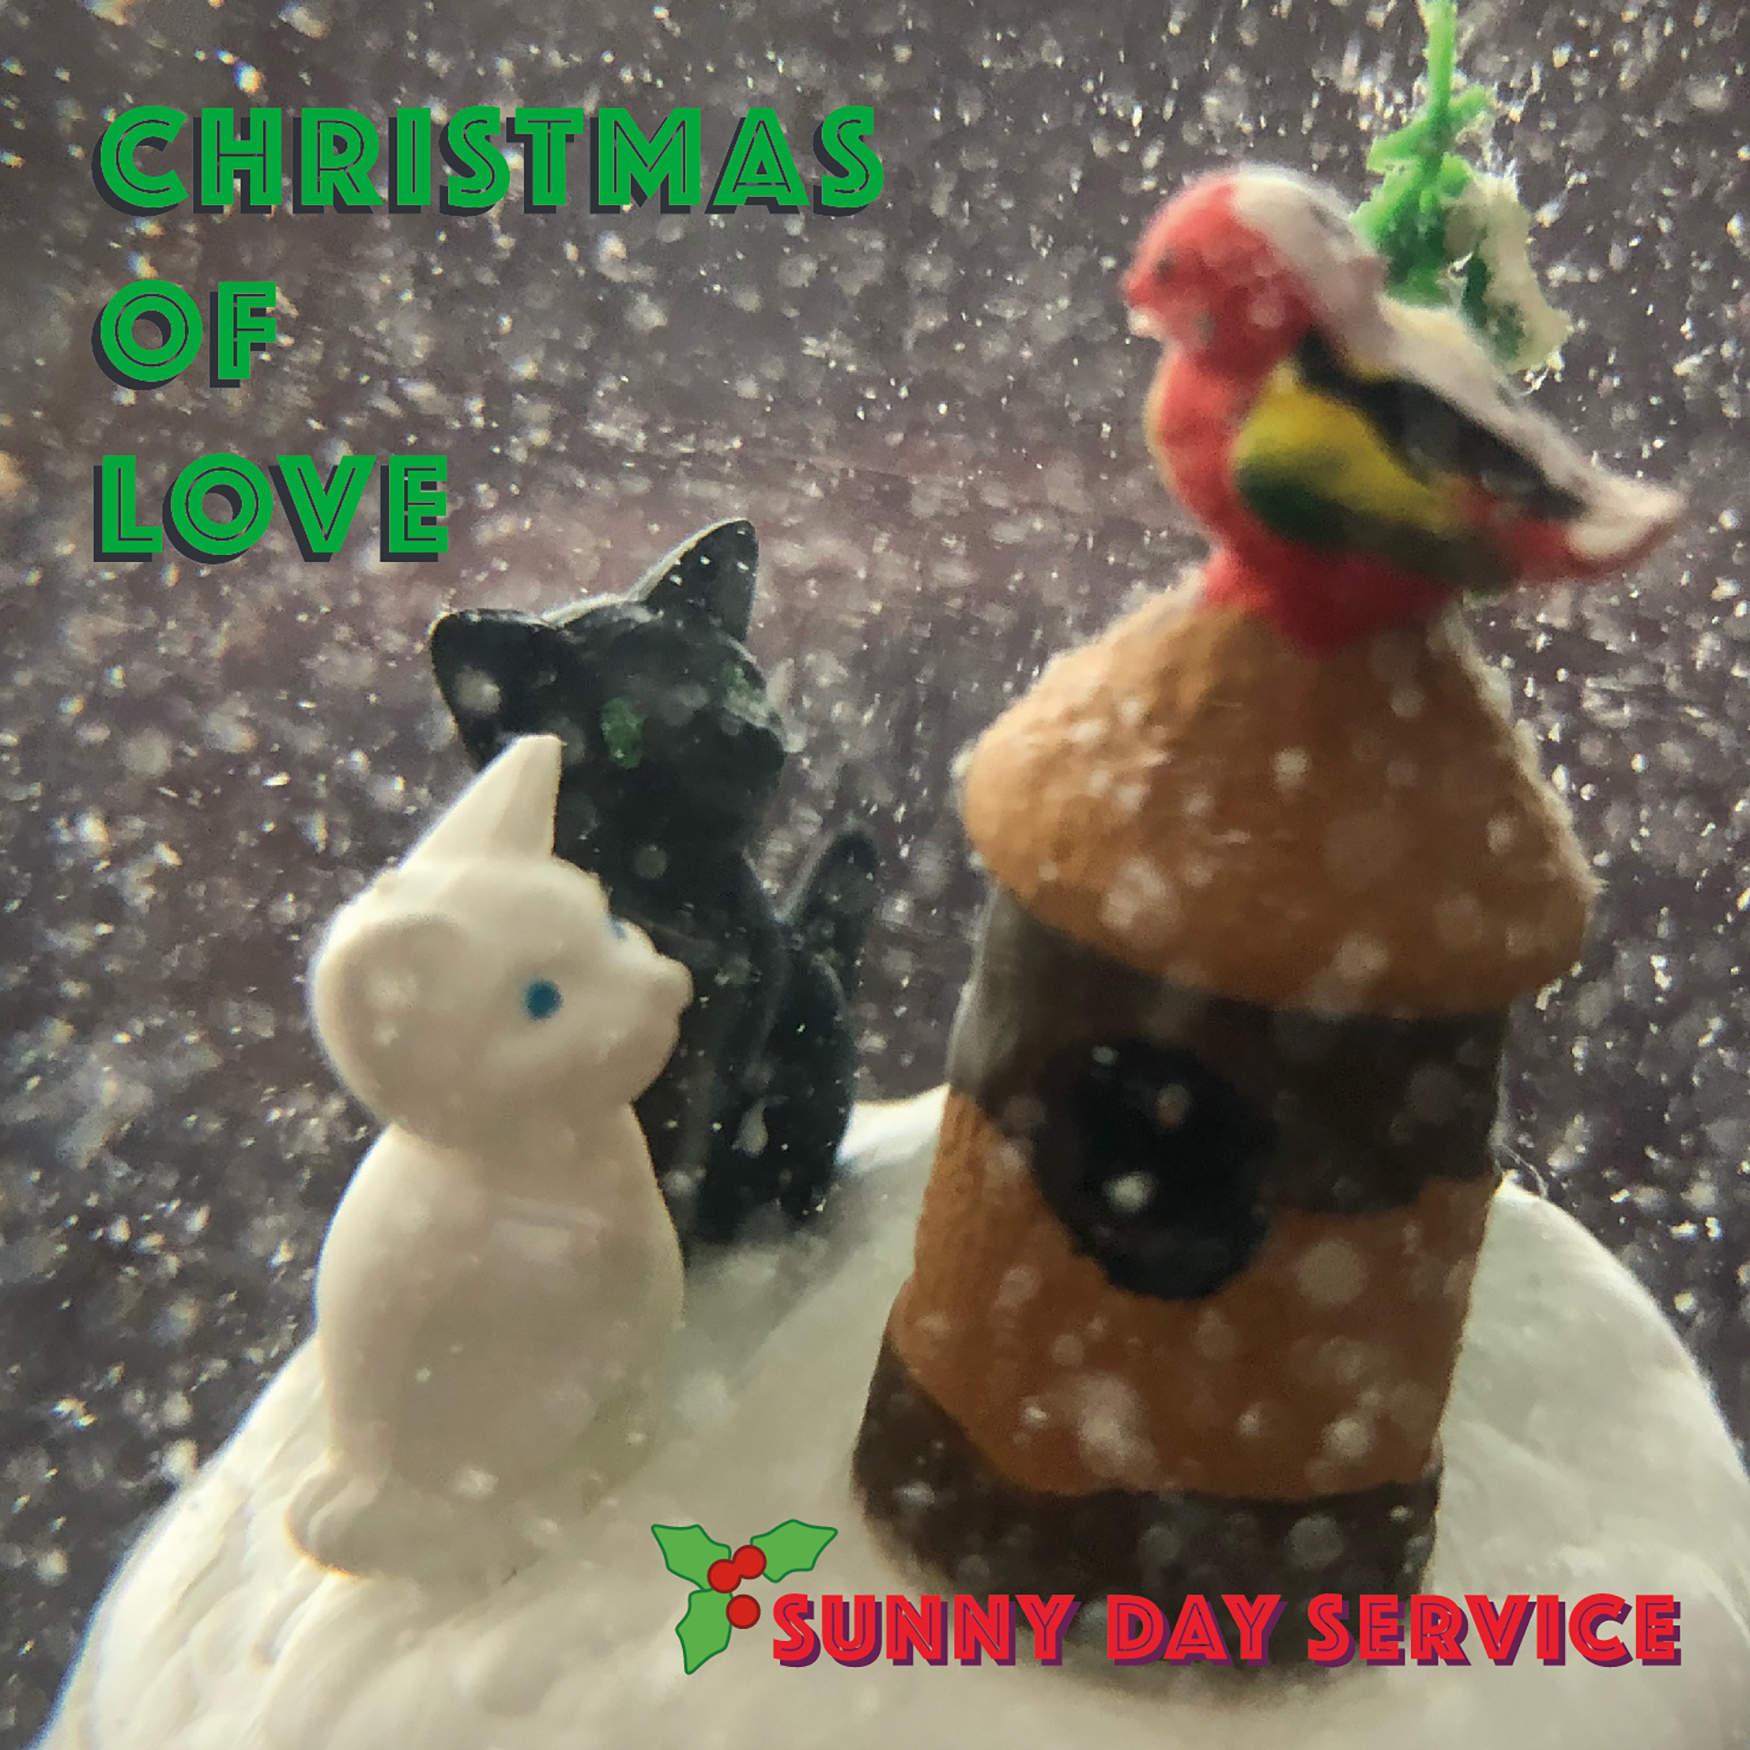 サニーデイ・サービスのクリスマスシングル『Christmas of Love』CDの発売が決定 & ROSEオンラインショップの予約受付を開始しました。